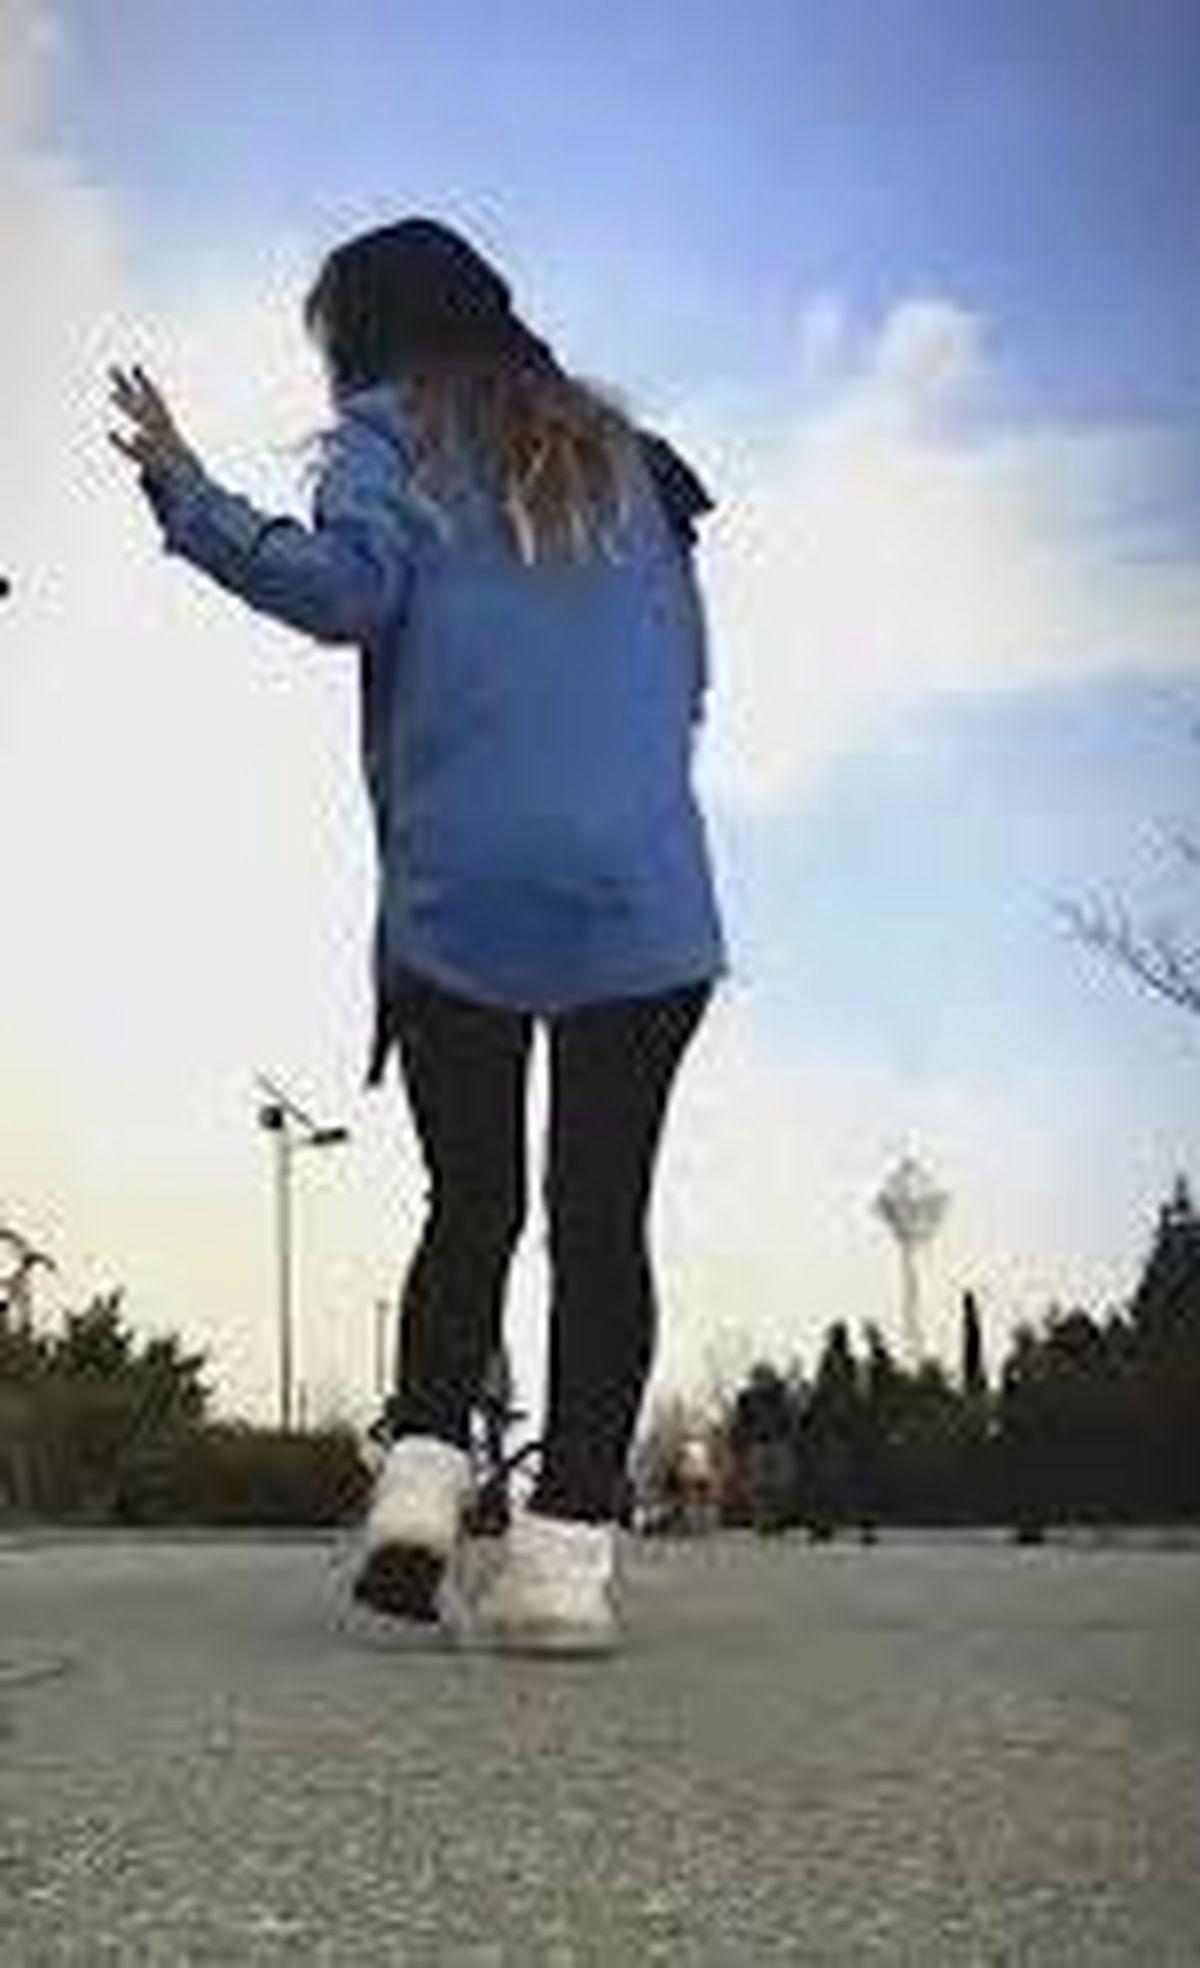 دختر رقصنده ی مشهدی دستگیر شد/فیلم و عکس های او جنجالی شدند!